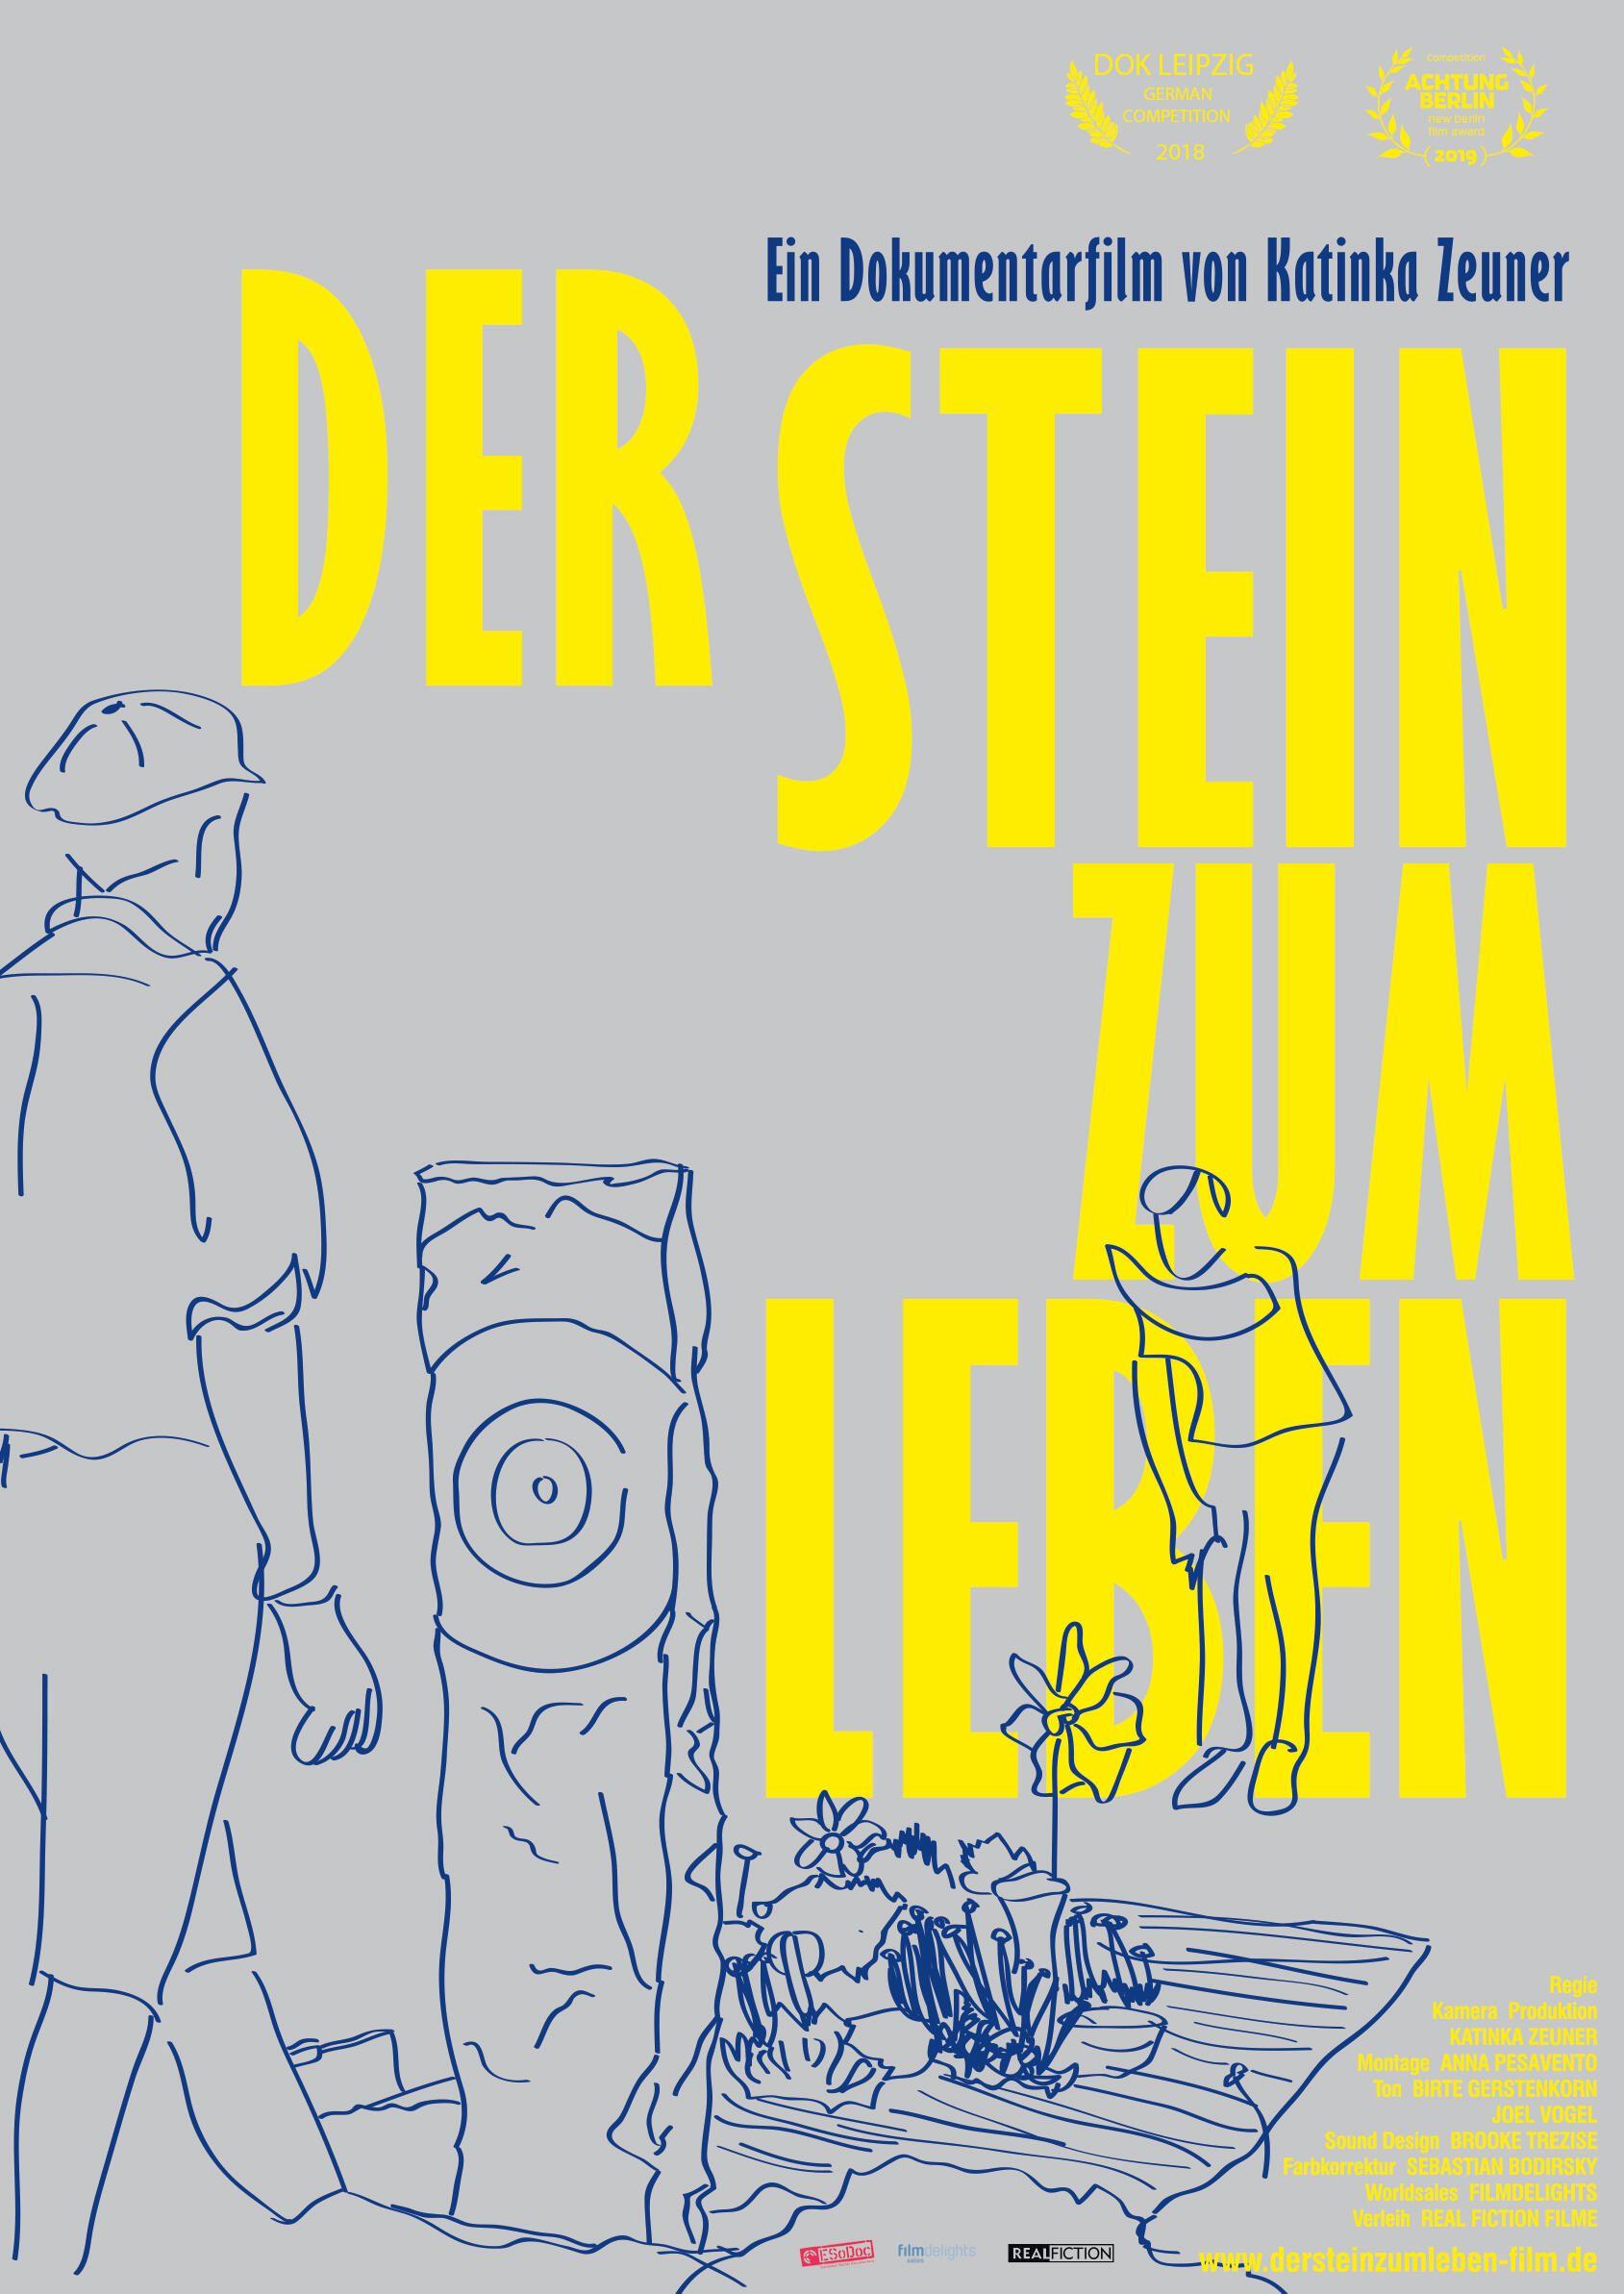 stein-zum-leben-plakat-2